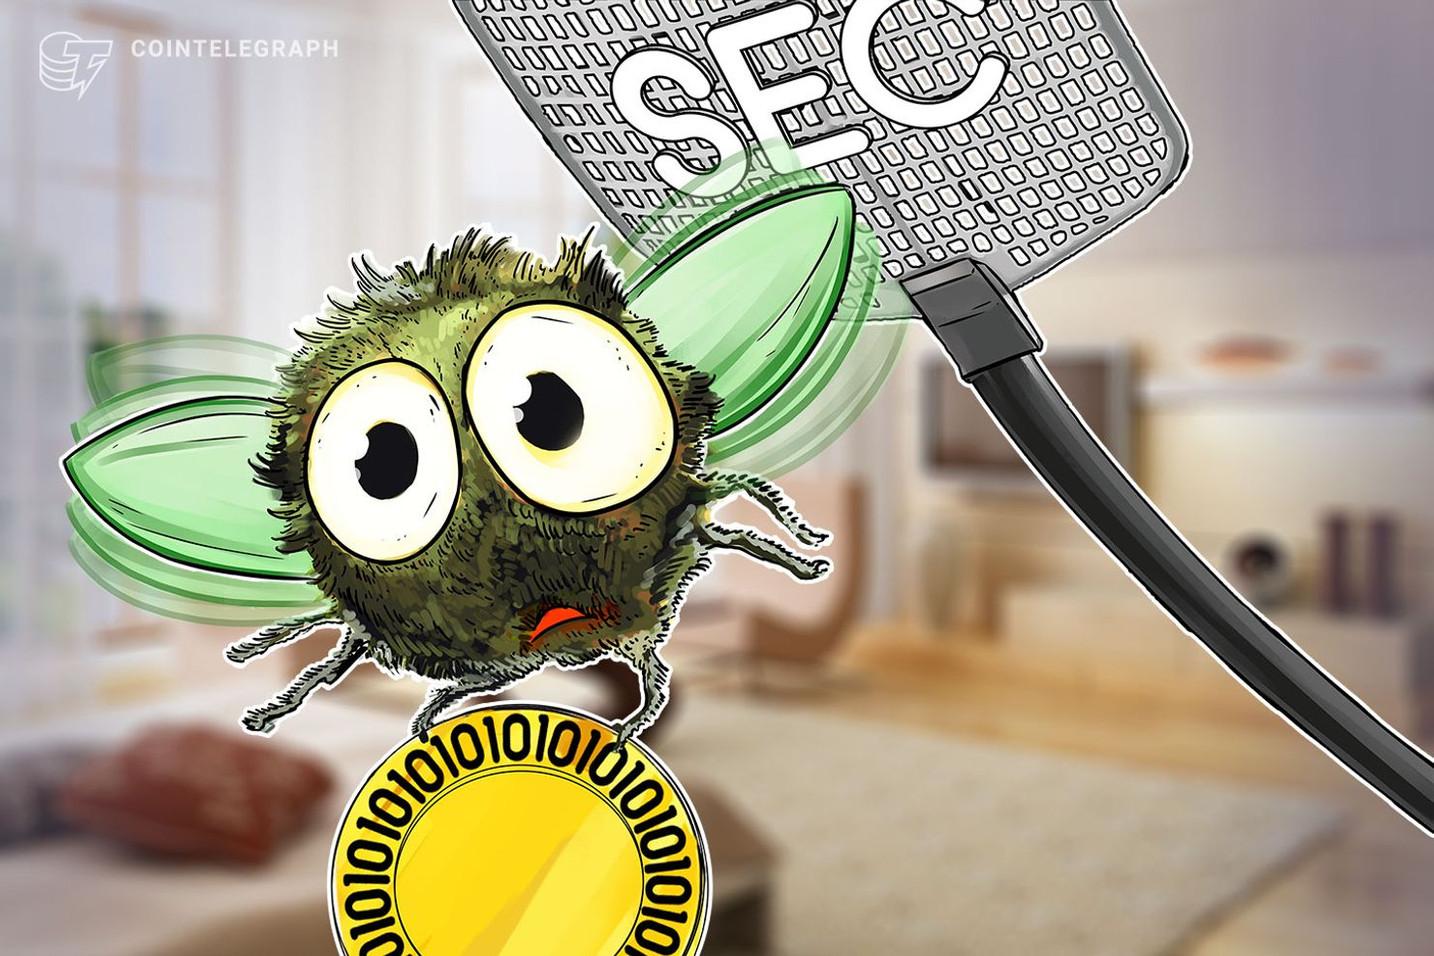 米SEC:2つの仮想通貨ETNの取引停止を決定、ETFと混乱させる説明を行う